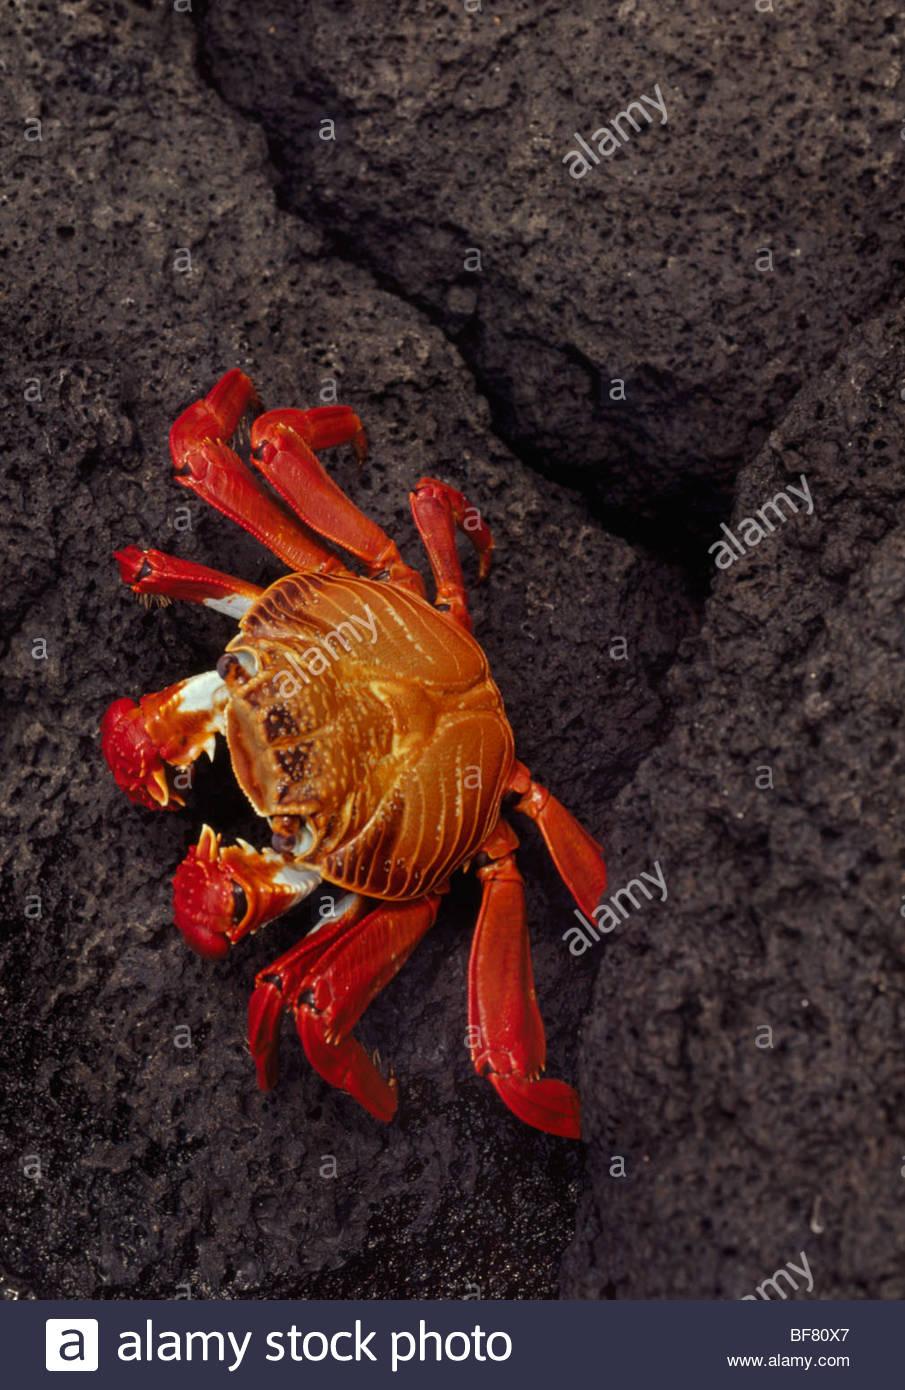 Sally lightfoot crab, Grapsus grapsus, Galapagos Islands - Stock Image